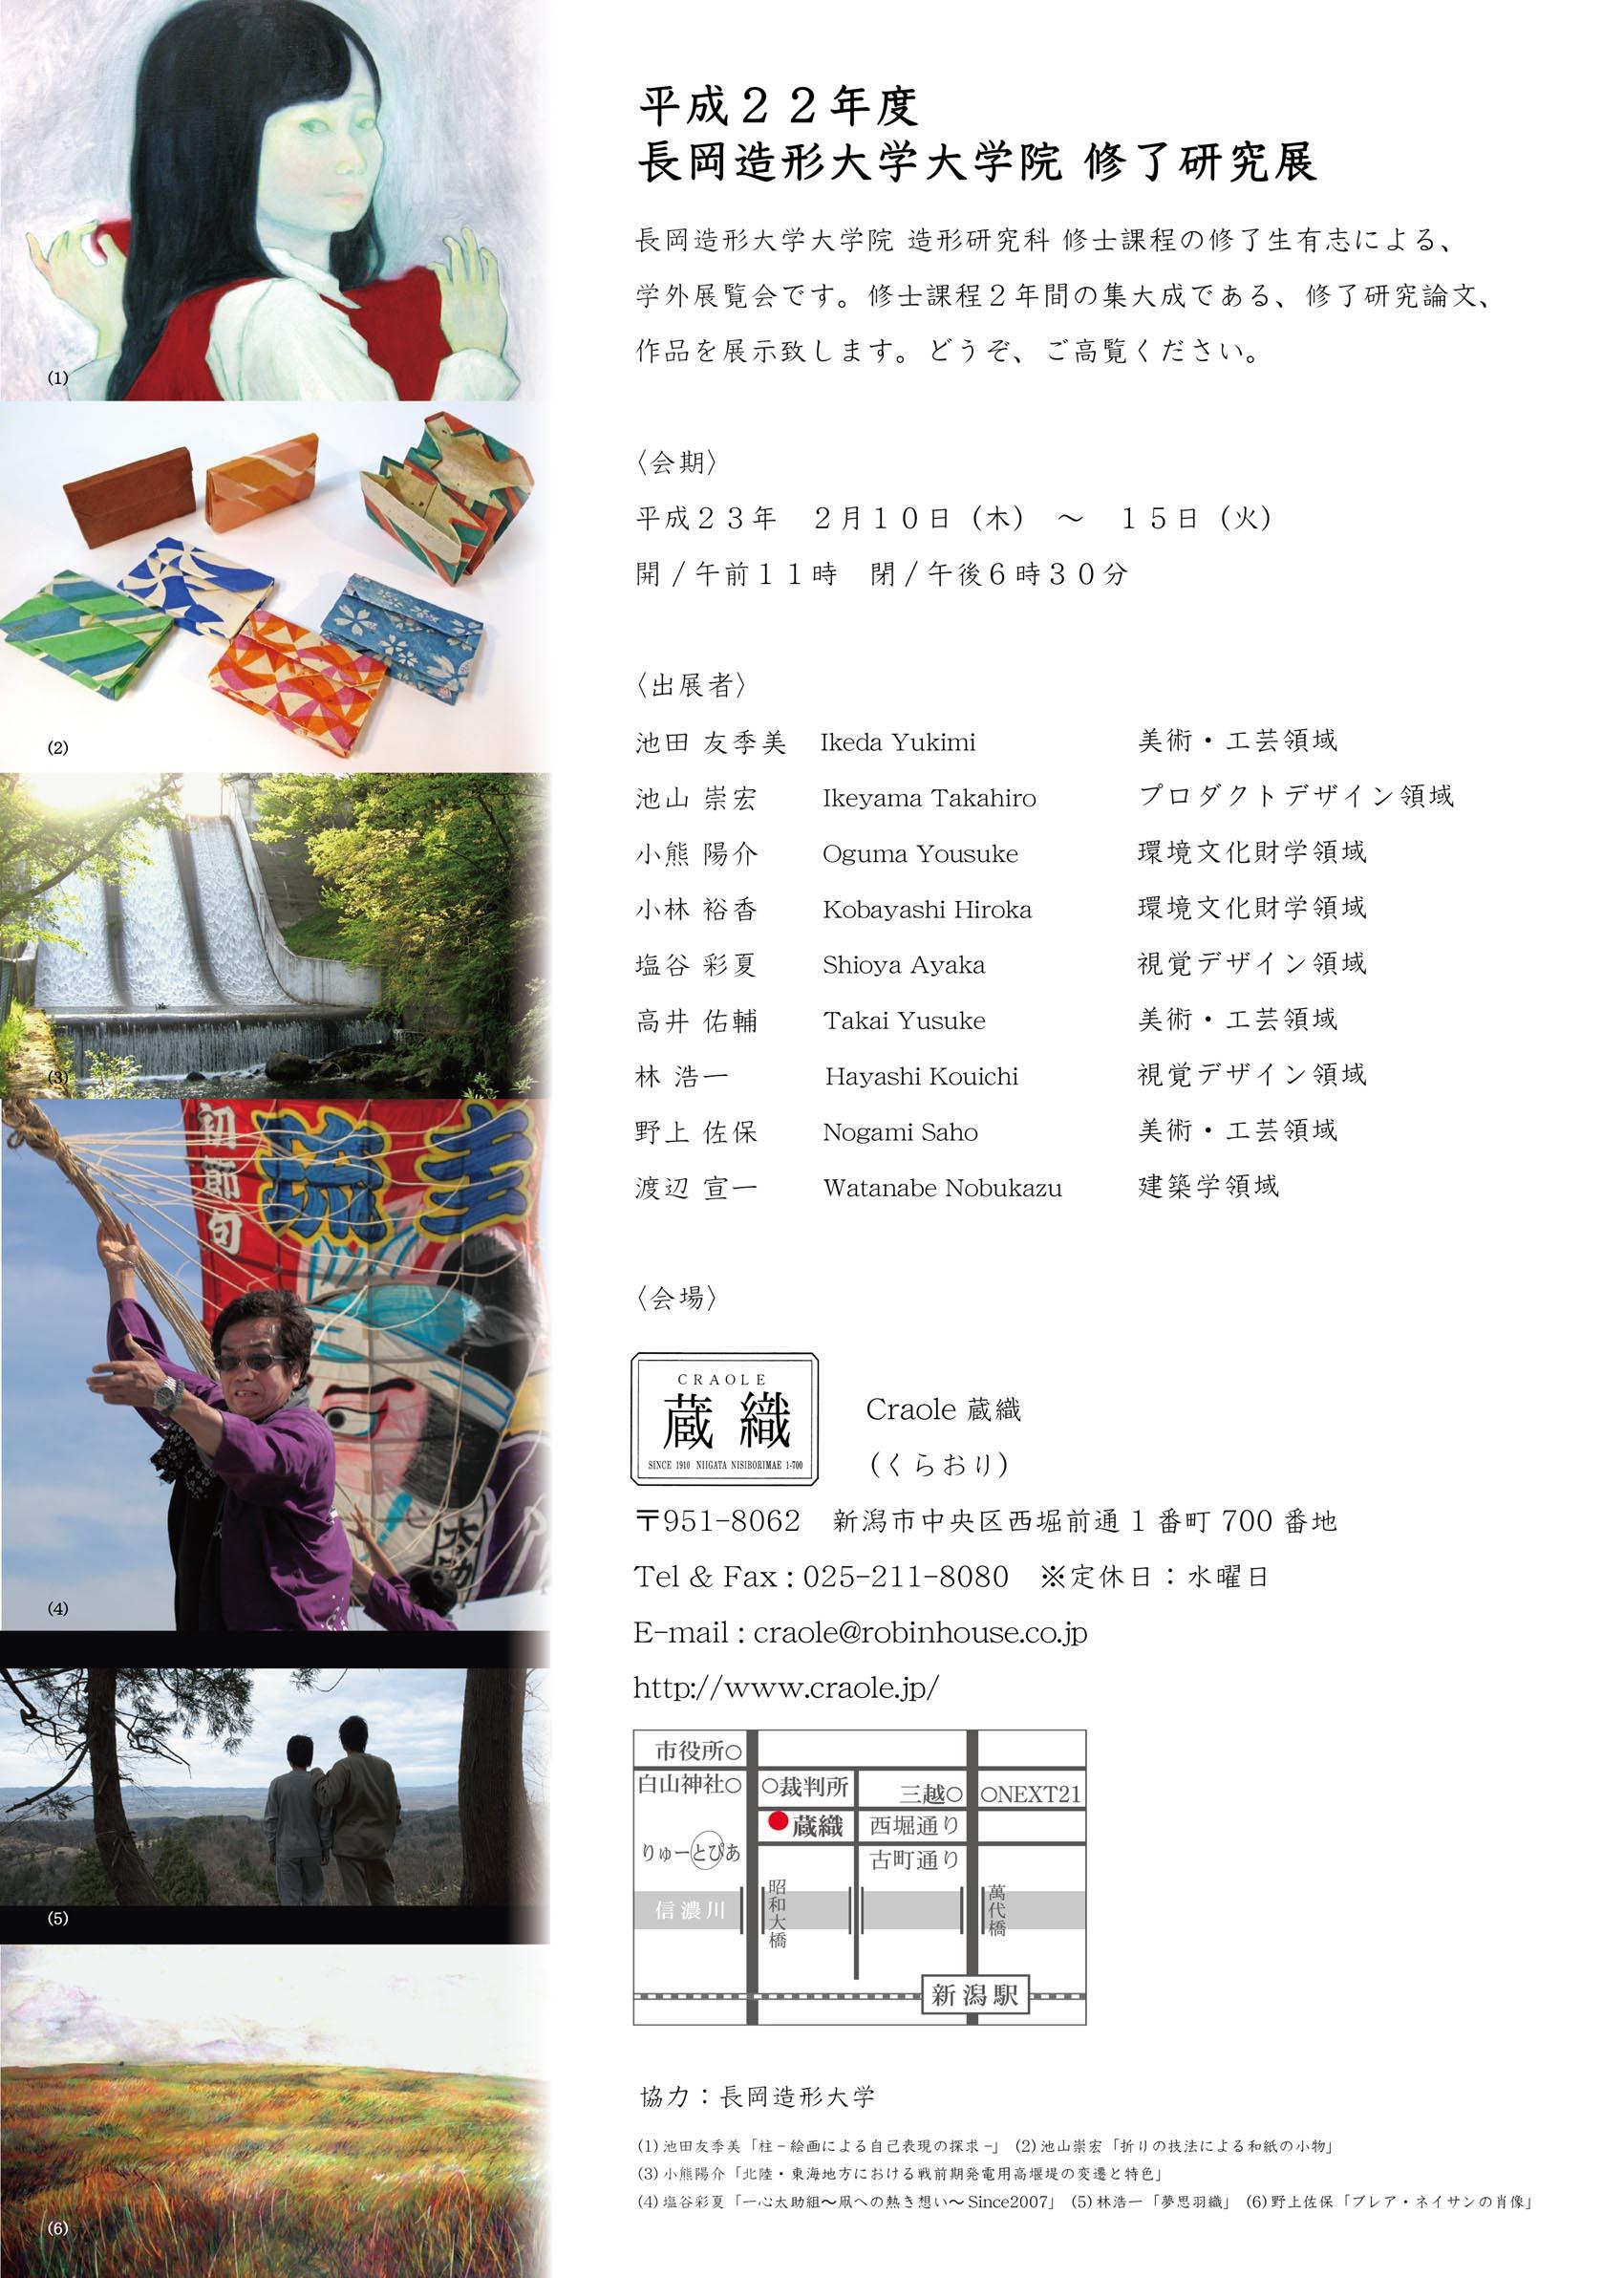 2011年2月10日、蔵織で長岡造形大学大学院 修了研究展が開催されます。_d0178448_2314613.jpg